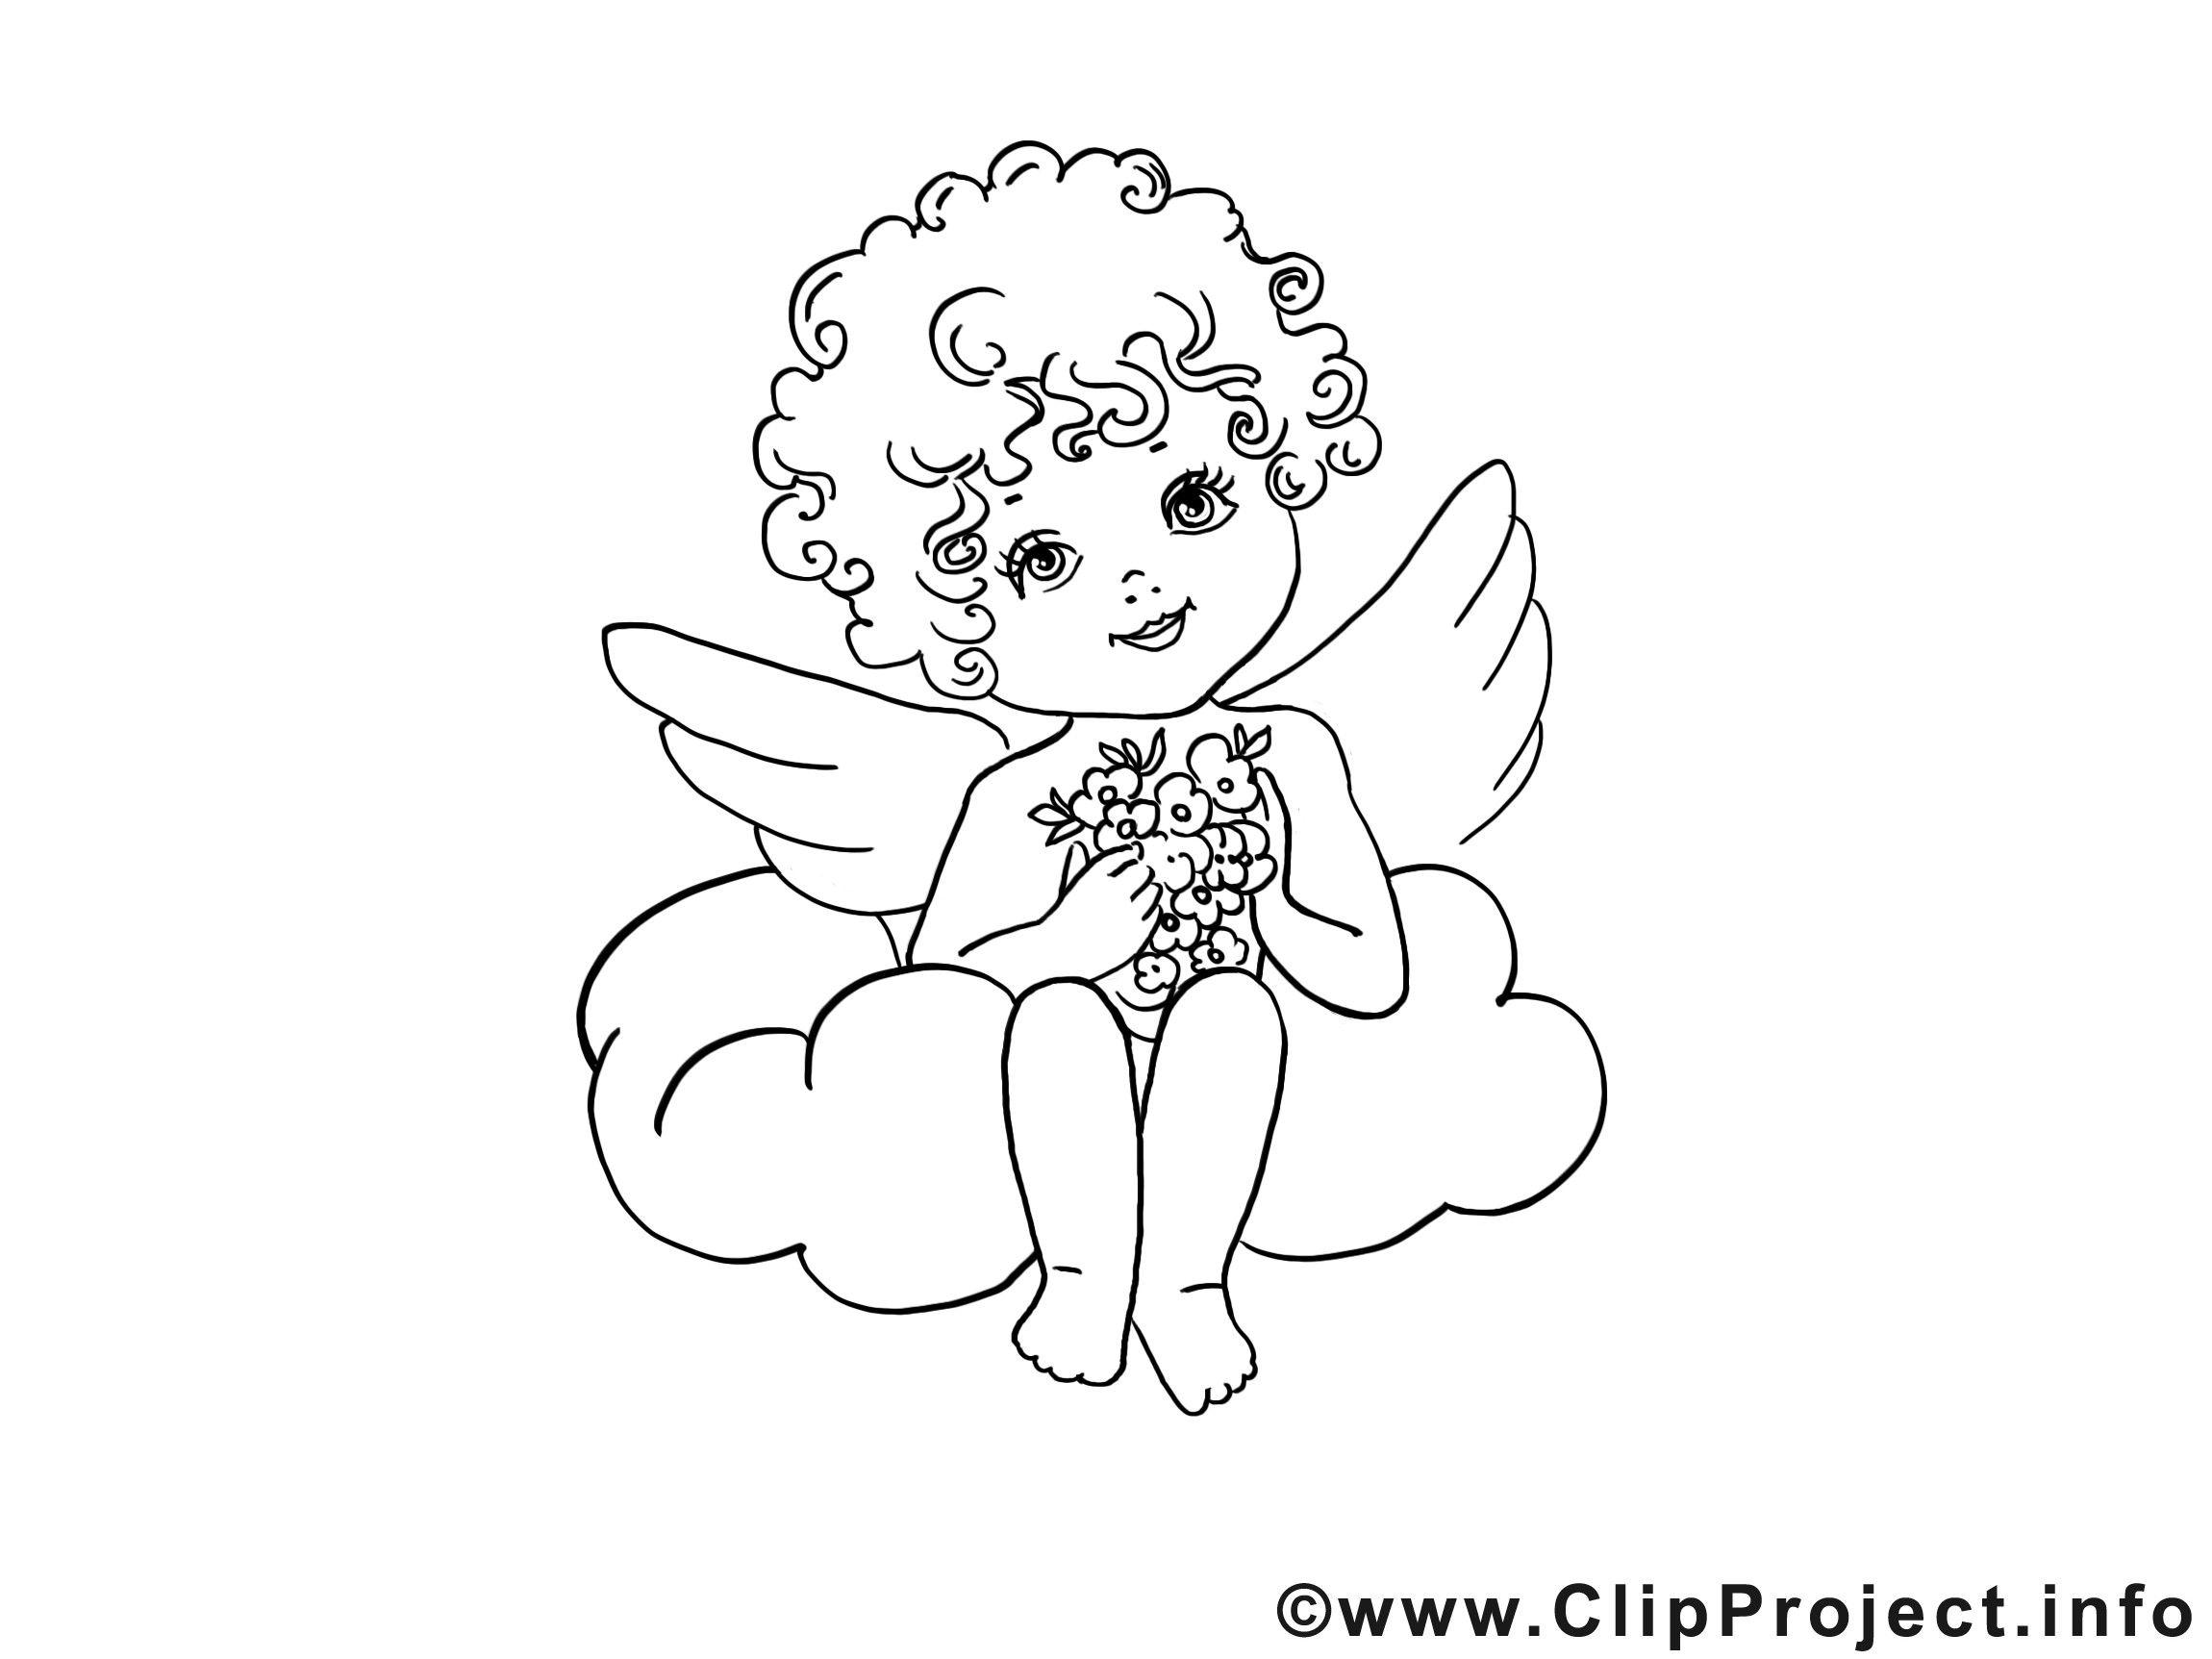 Vorlage Engel Zum Ausdruckenschutzengel Malvorlagen Kostenlos Zum Ausdrucken Ausmalbilde Engel Zum Ausmalen Kostenlose Ausmalbilder Ausmalbilder Zum Ausdrucken